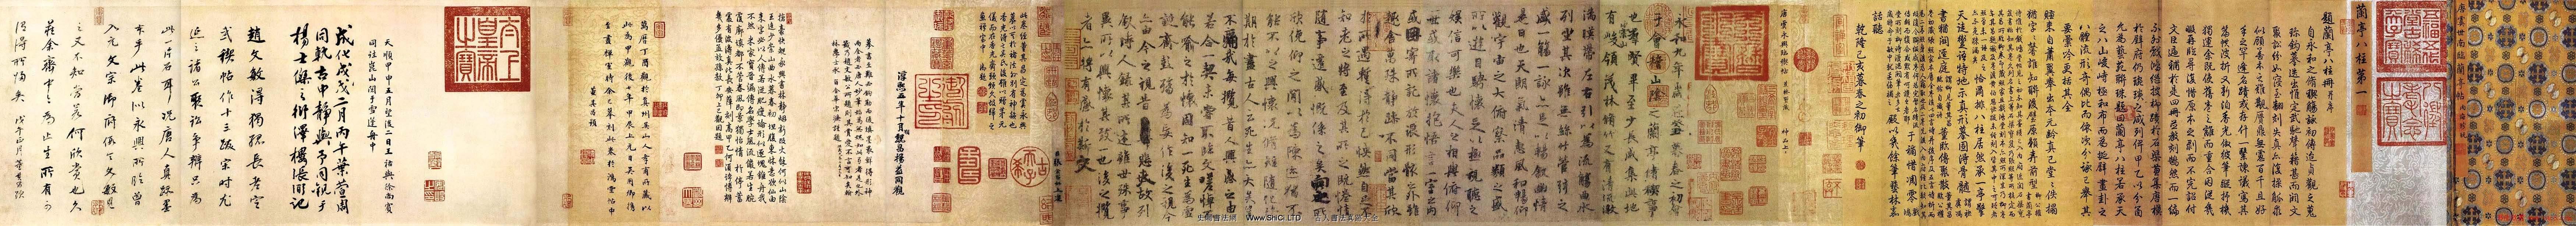 唐代虞世南書法字帖《虞摹蘭亭序》長卷(共17張圖片)